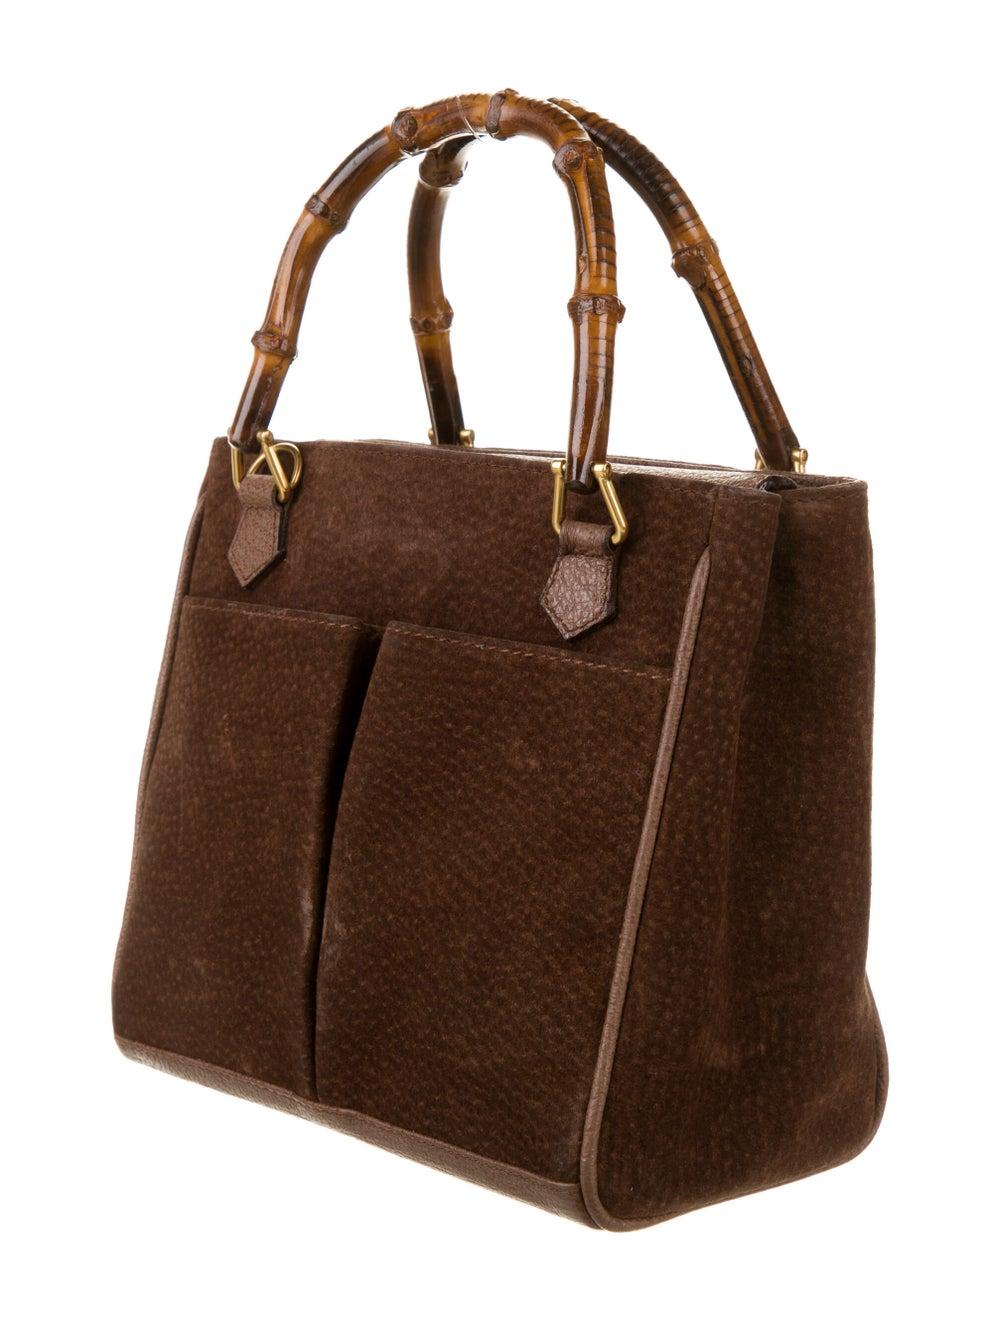 Gucci Vintage Mini Bamboo Handle Bag Brown - image 3